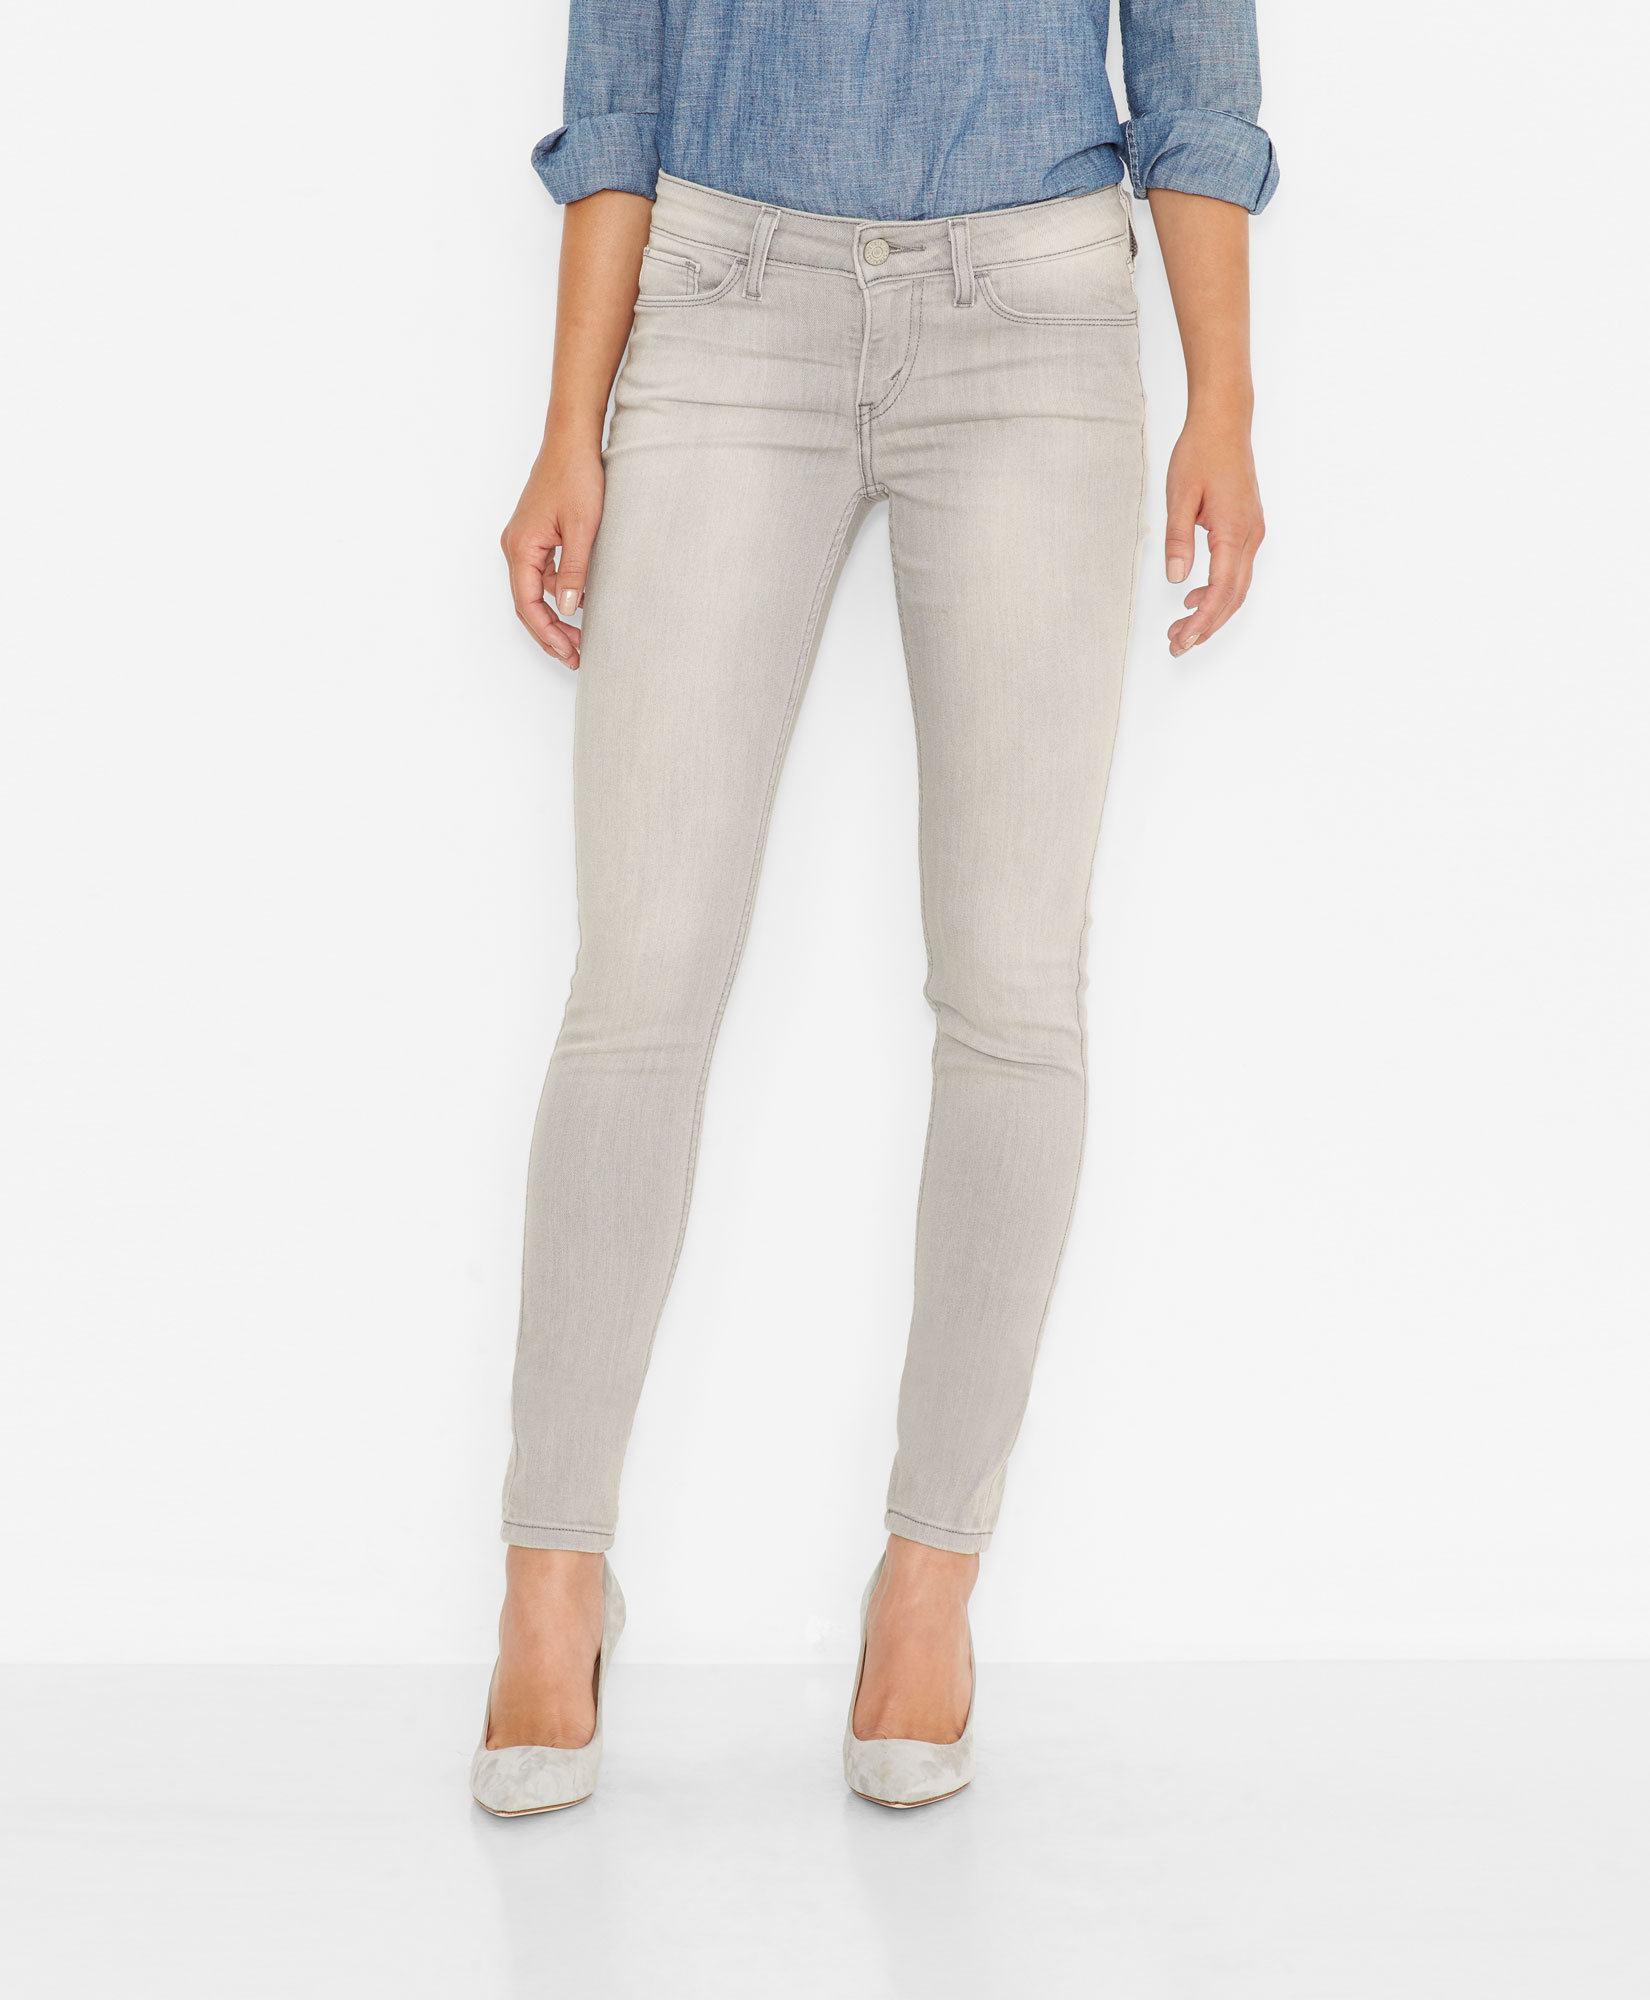 Интернет магазин одежды джинсы женские доставка